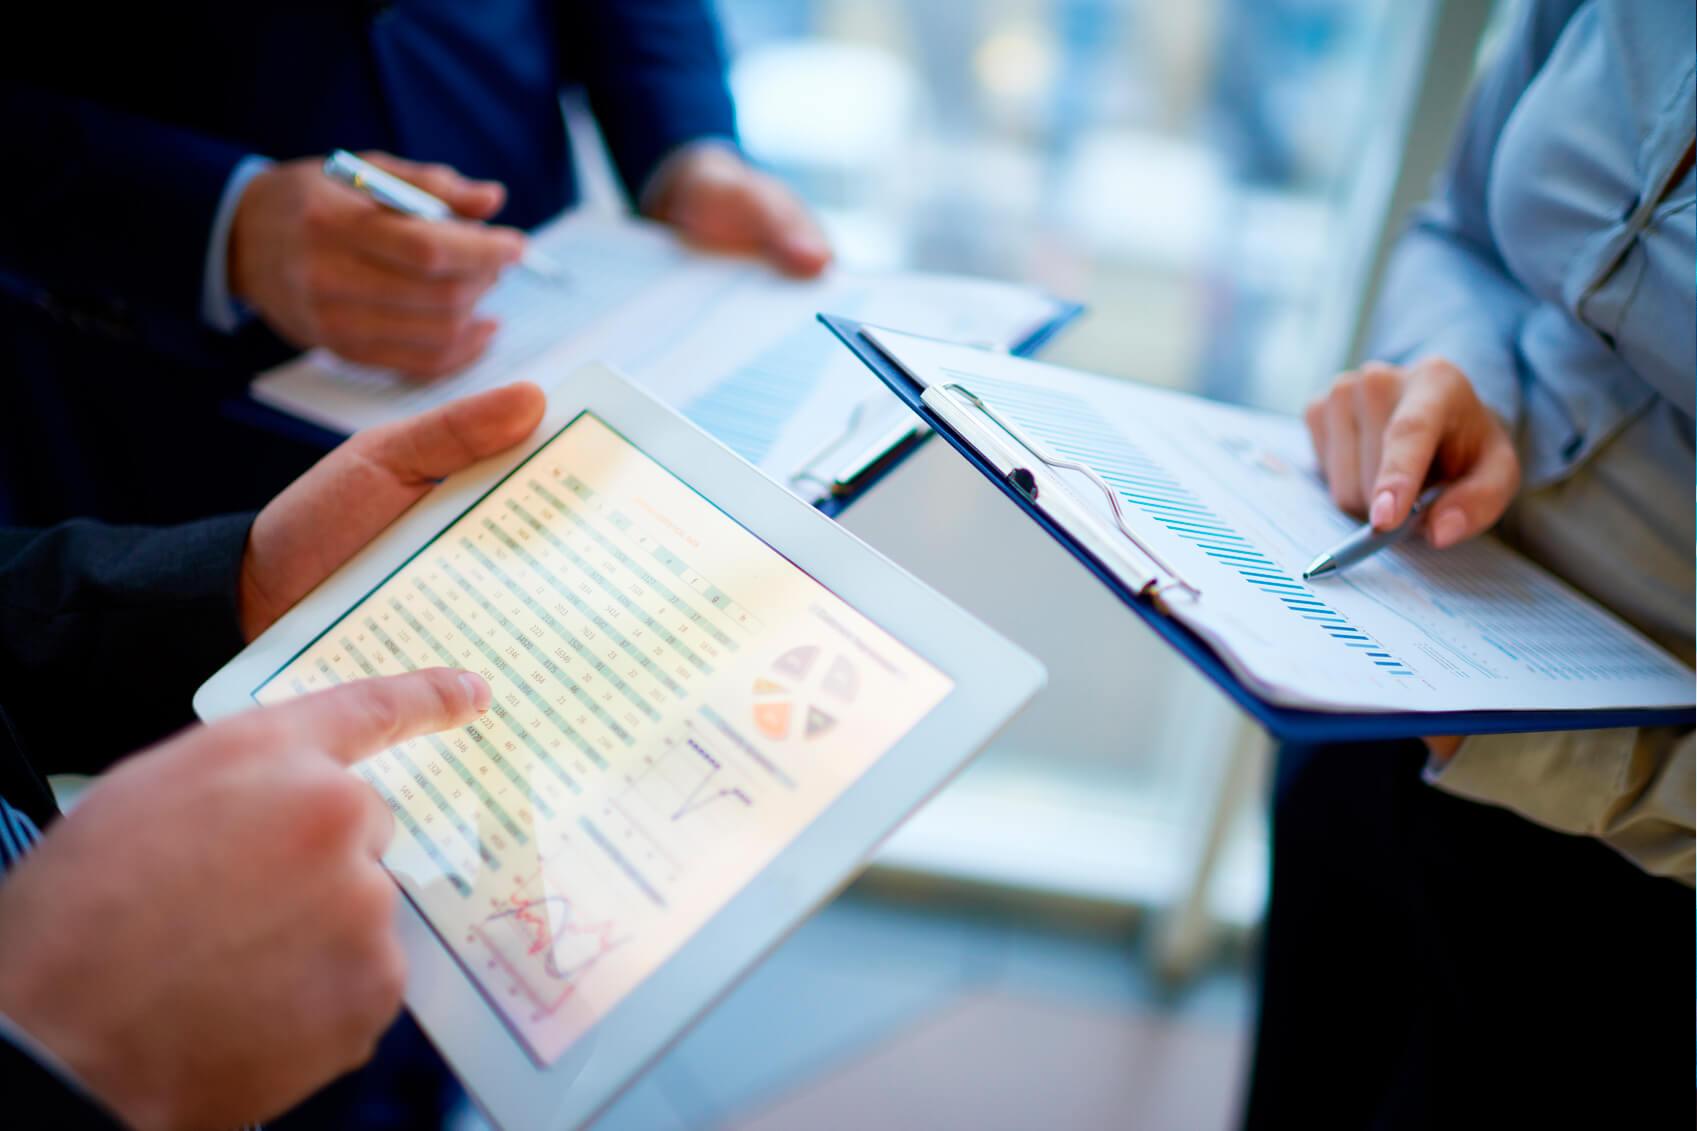 Gráficos en tablet - Inversiones